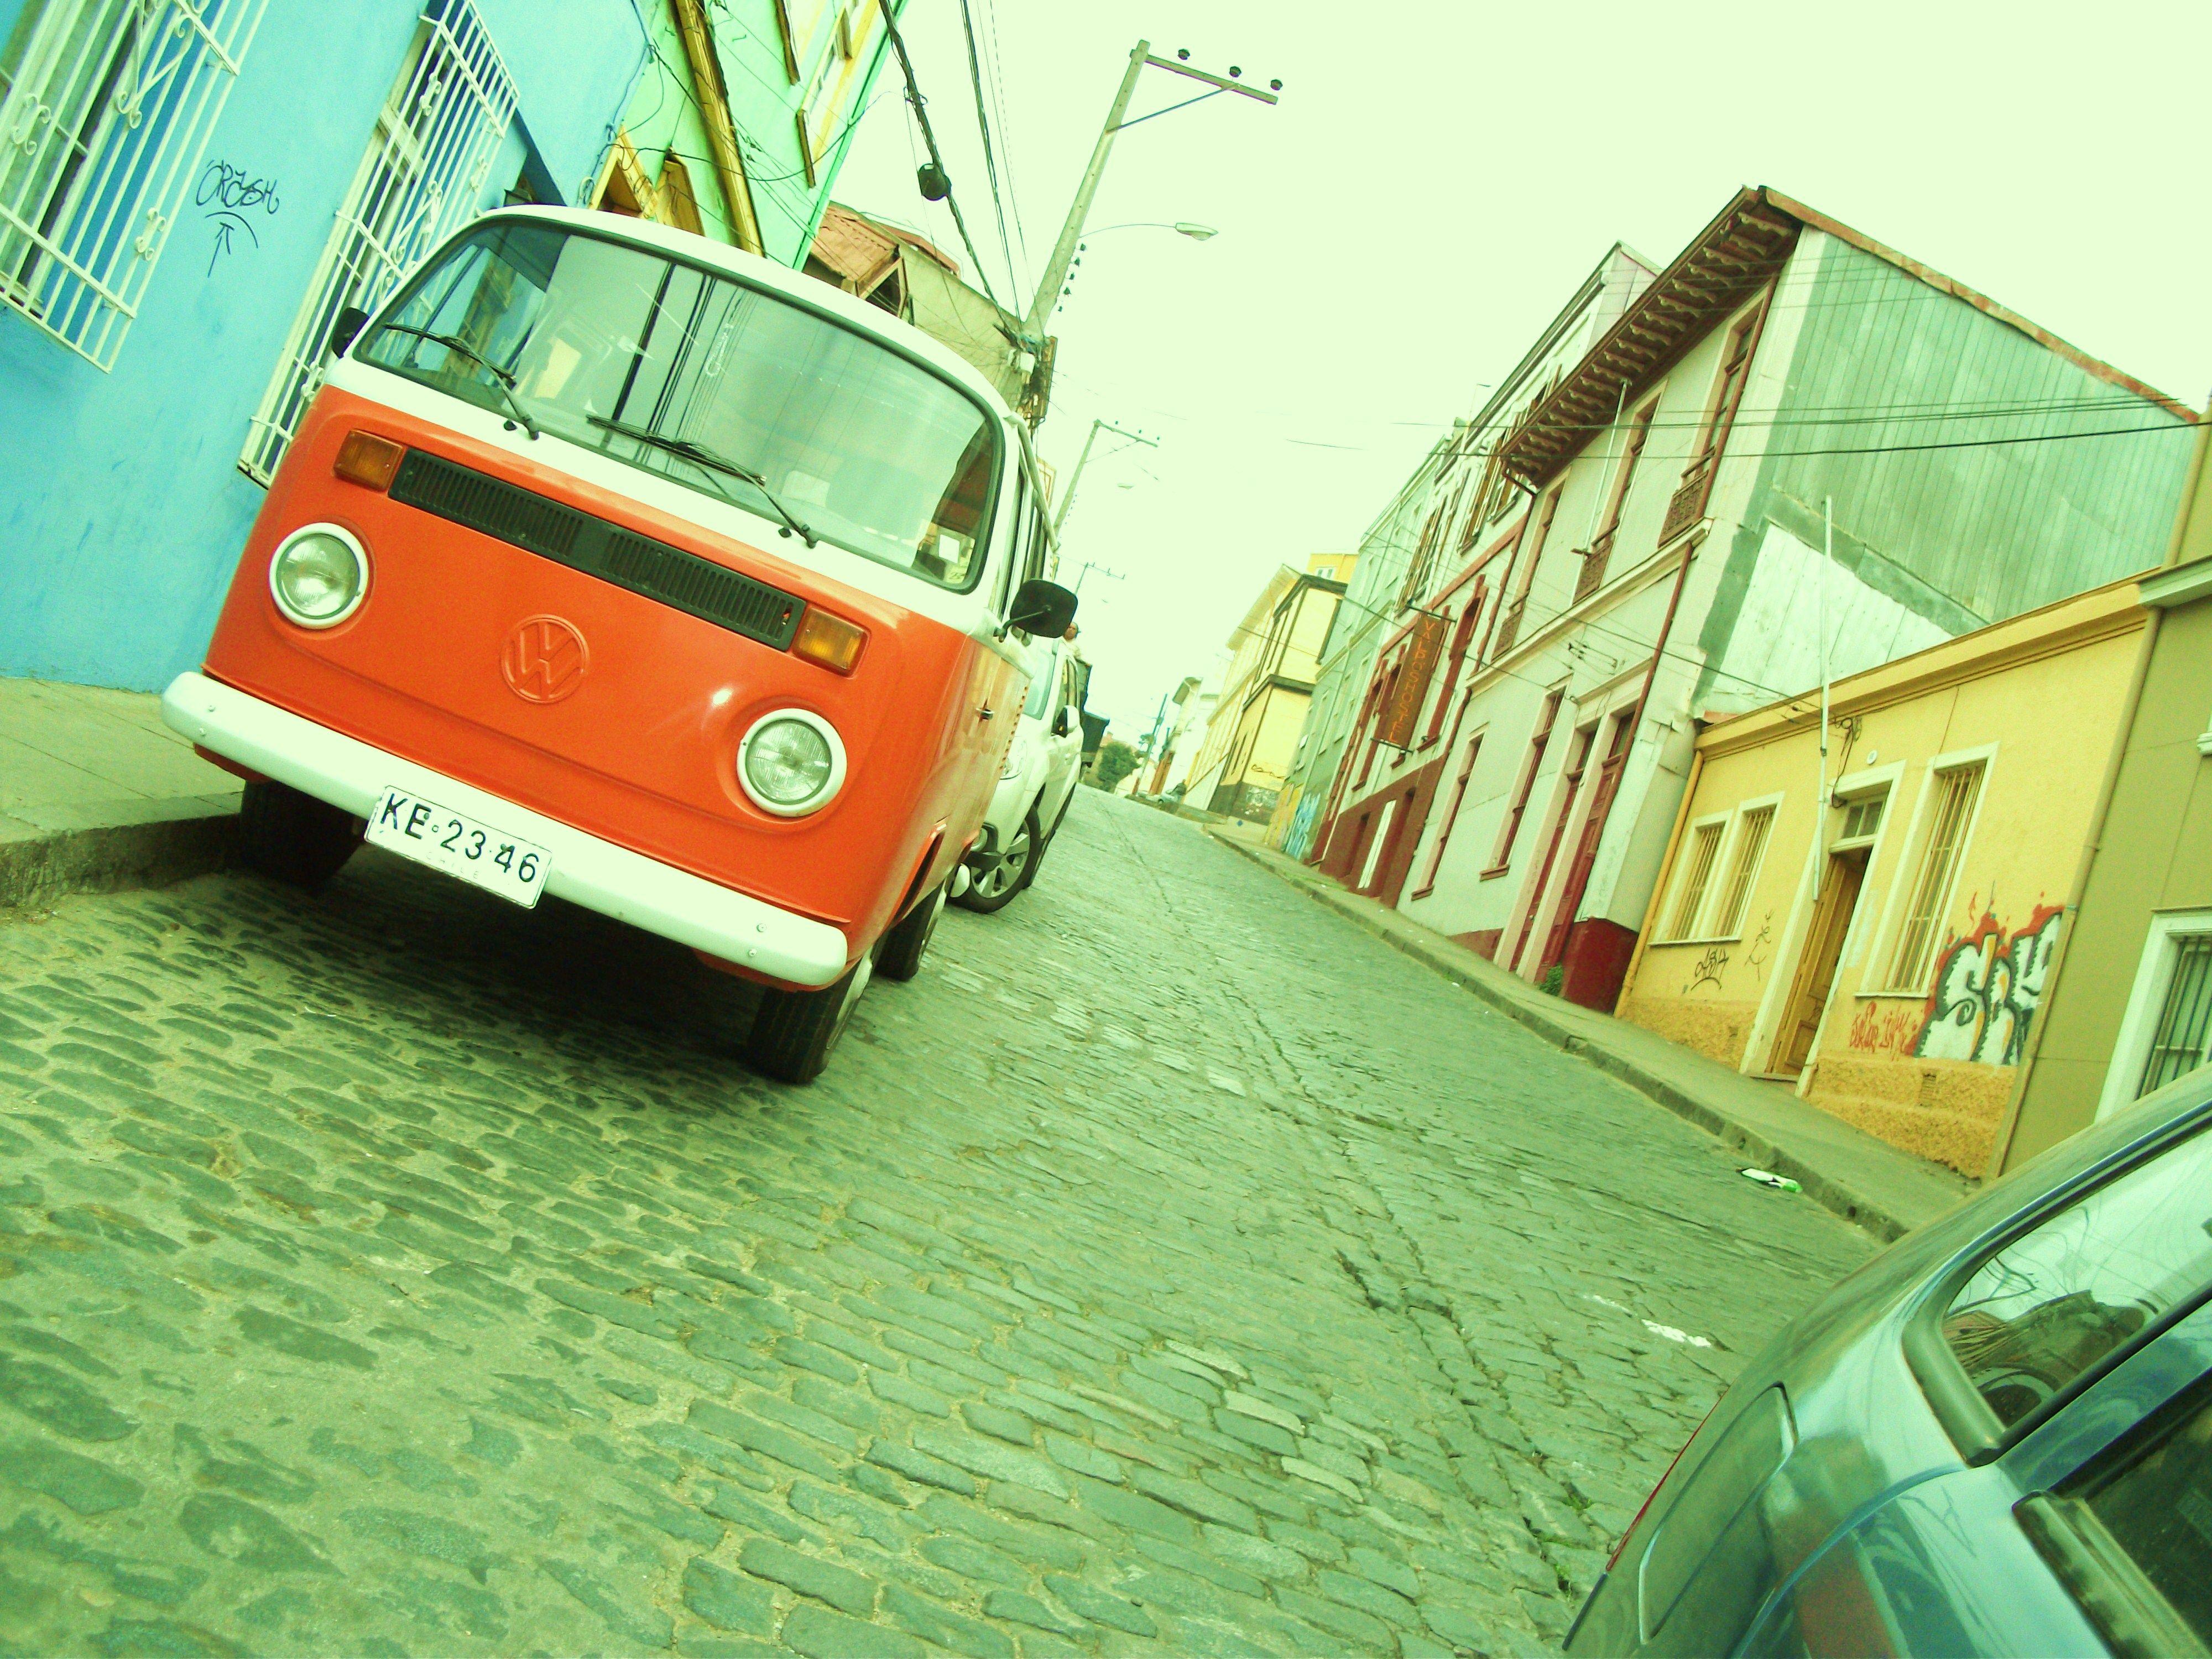 Camioneta inclinada- Cerro Alegre